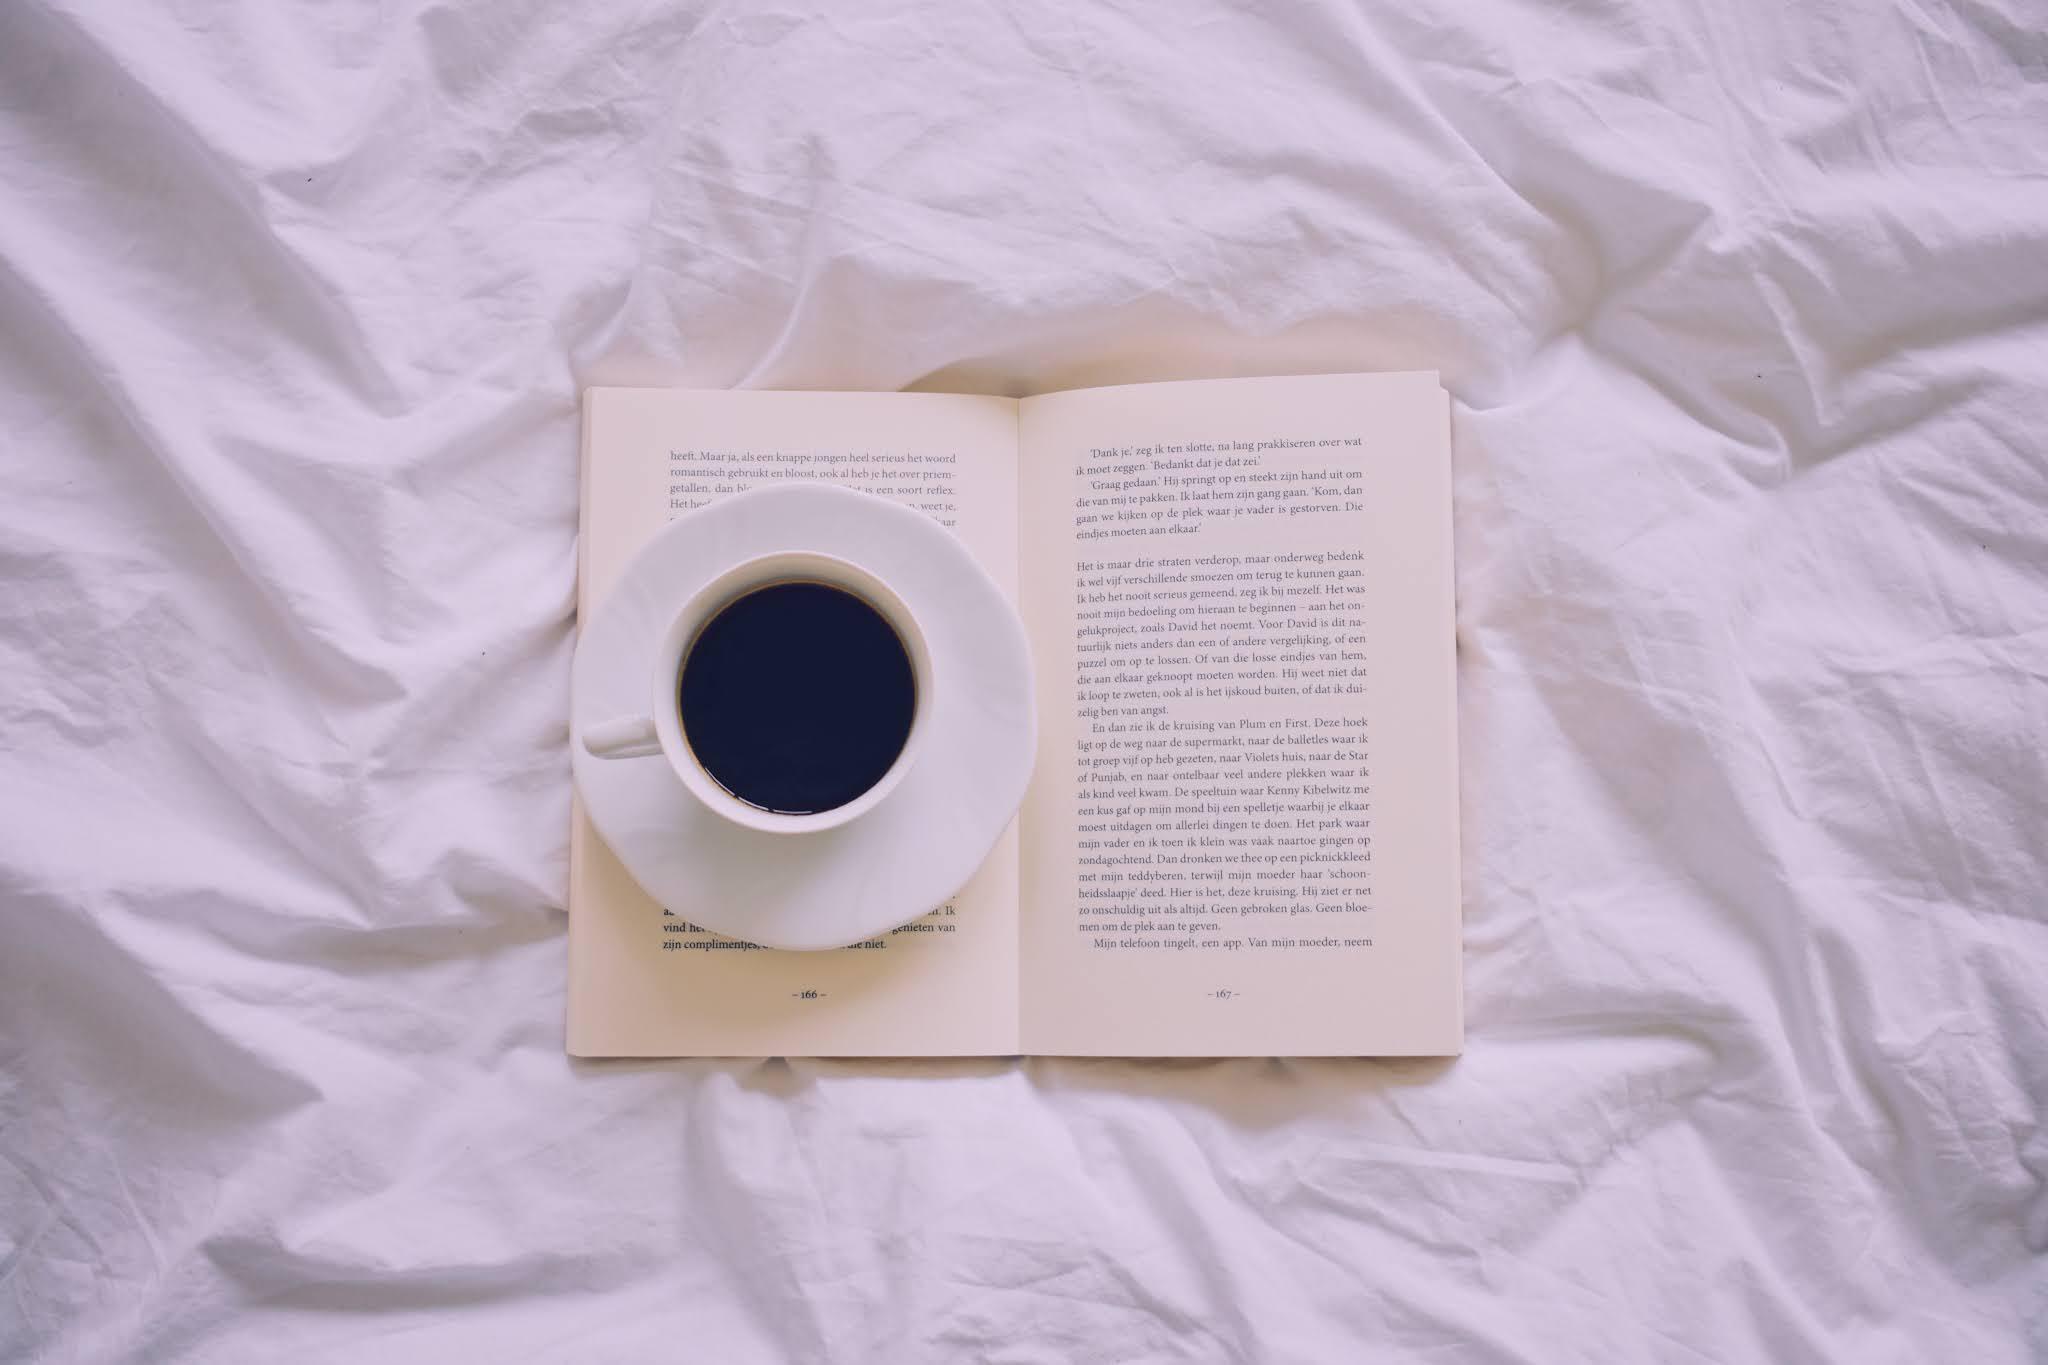 Opengeslagen boek op een wit laken met daarop een schoteltje en een tasje koffie.